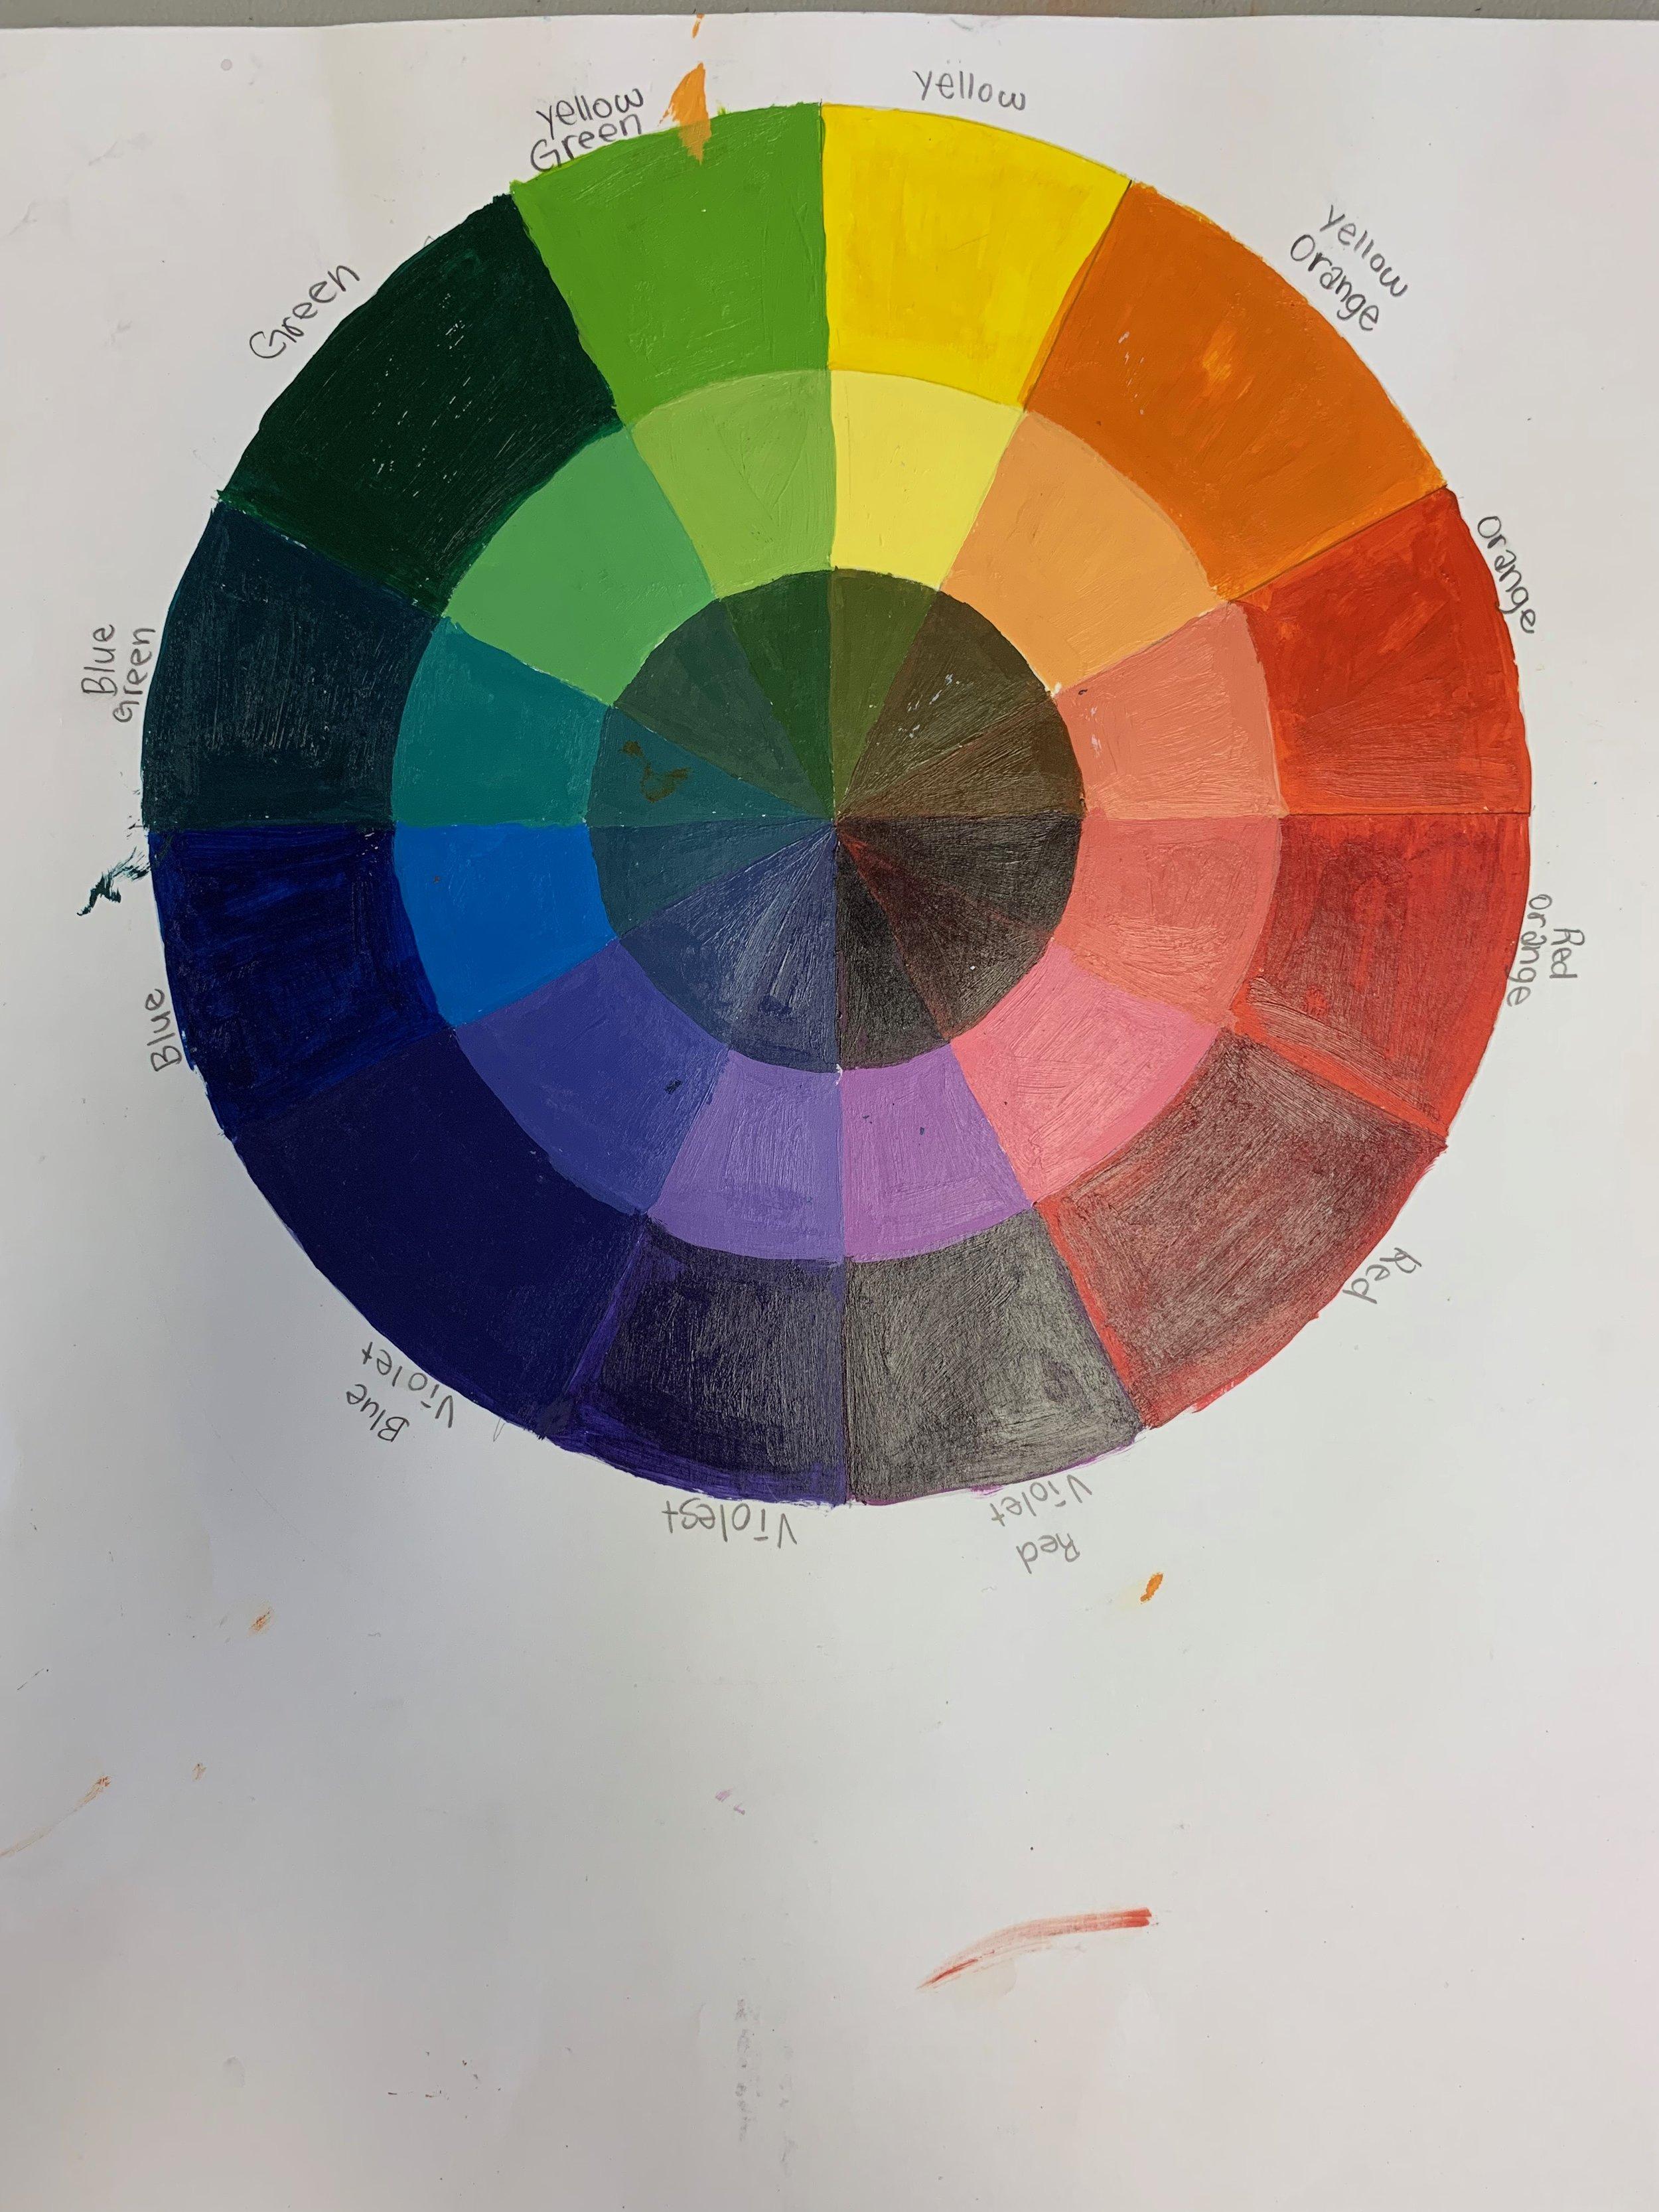 Color Wheel/Painting - Week 4 June 24-28